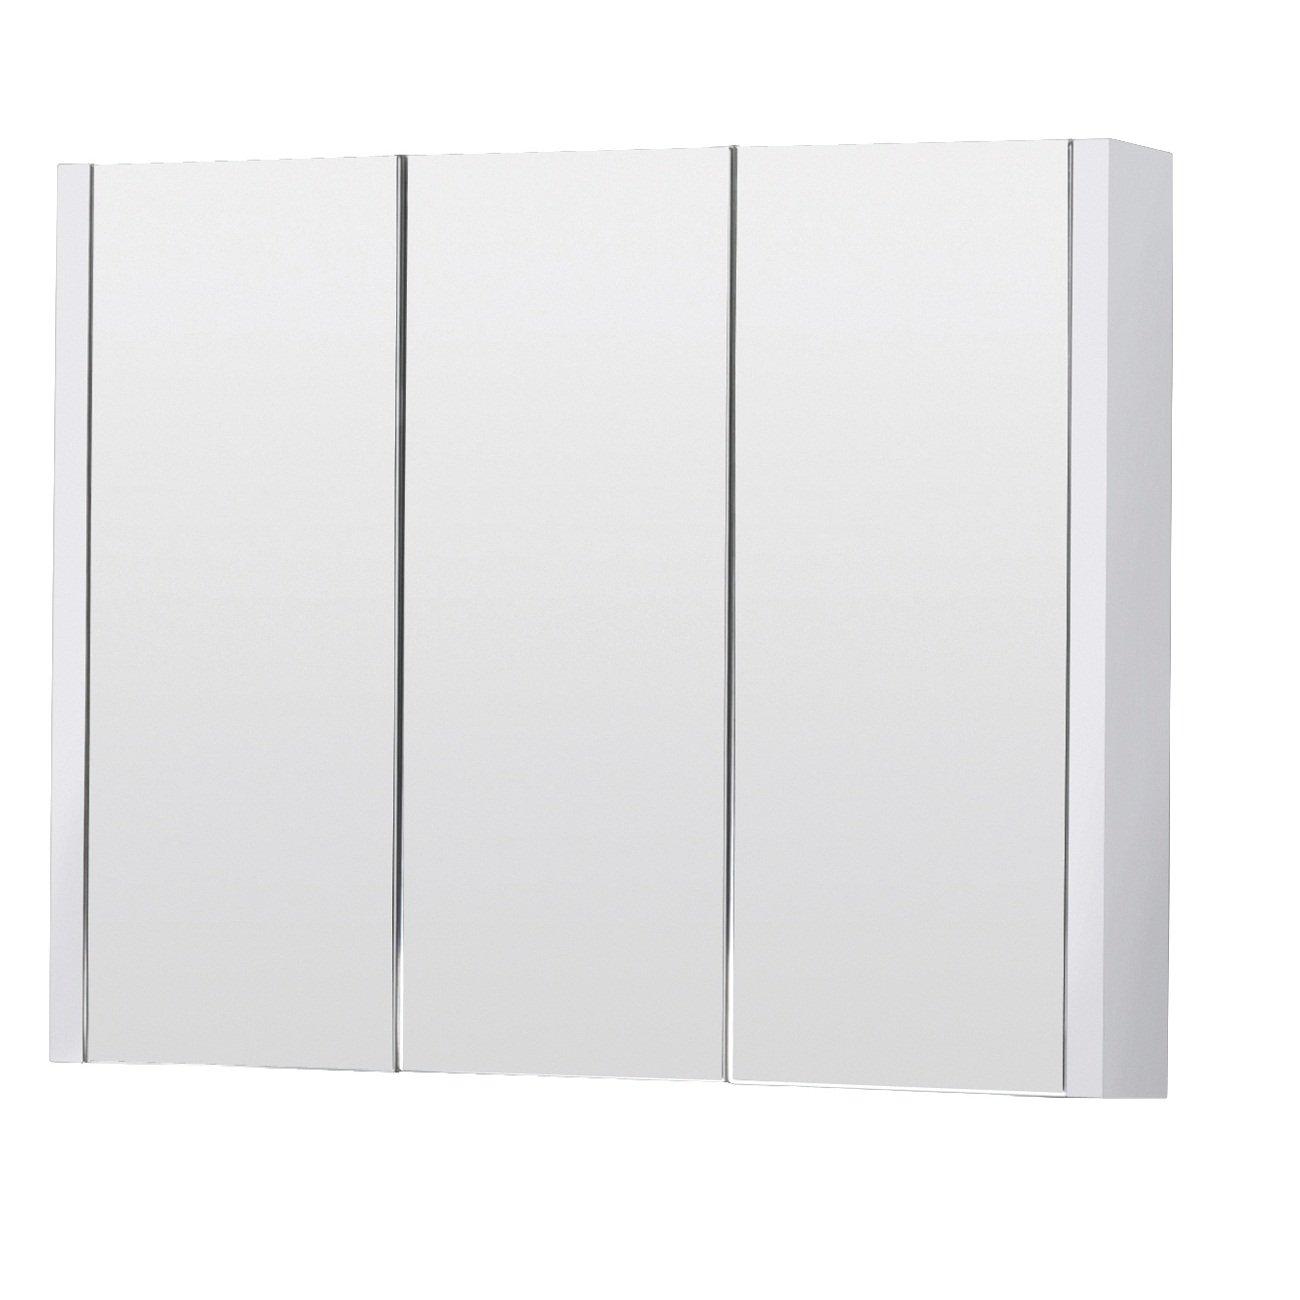 Premier Cardinal 2 Door Mirror Cabinet: Amazon.co.uk: Kitchen & Home